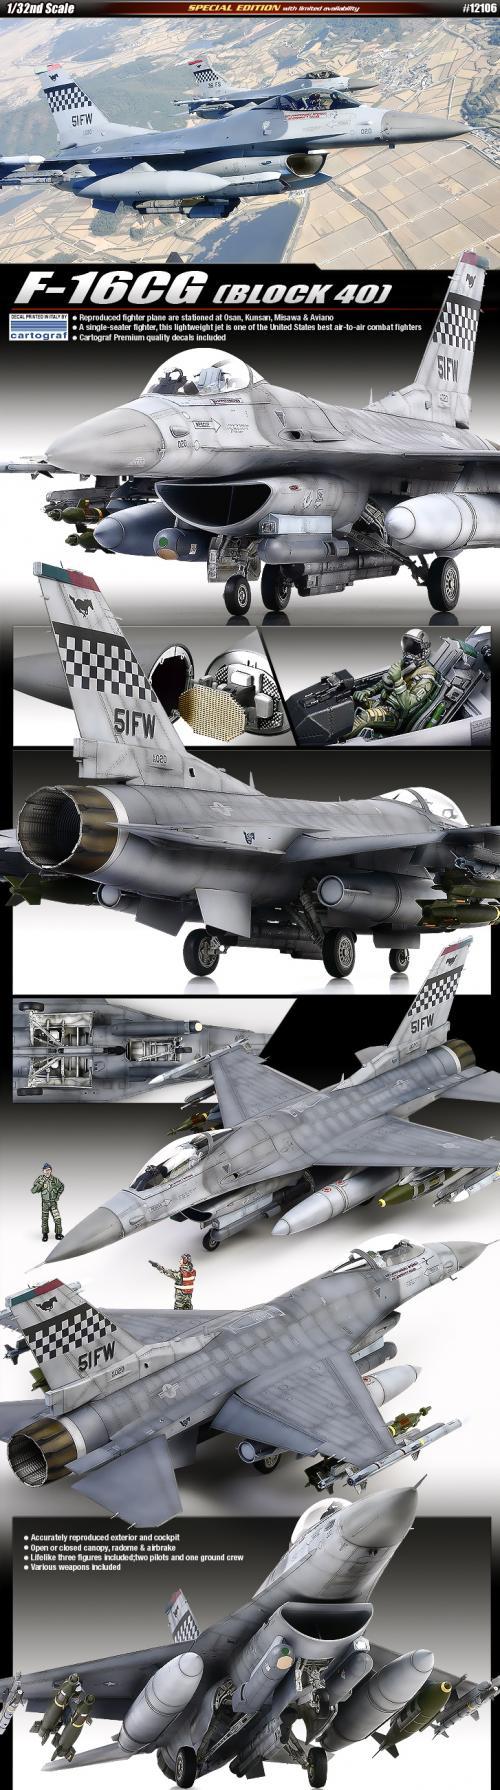 12106_F-16CG_ss.jpg